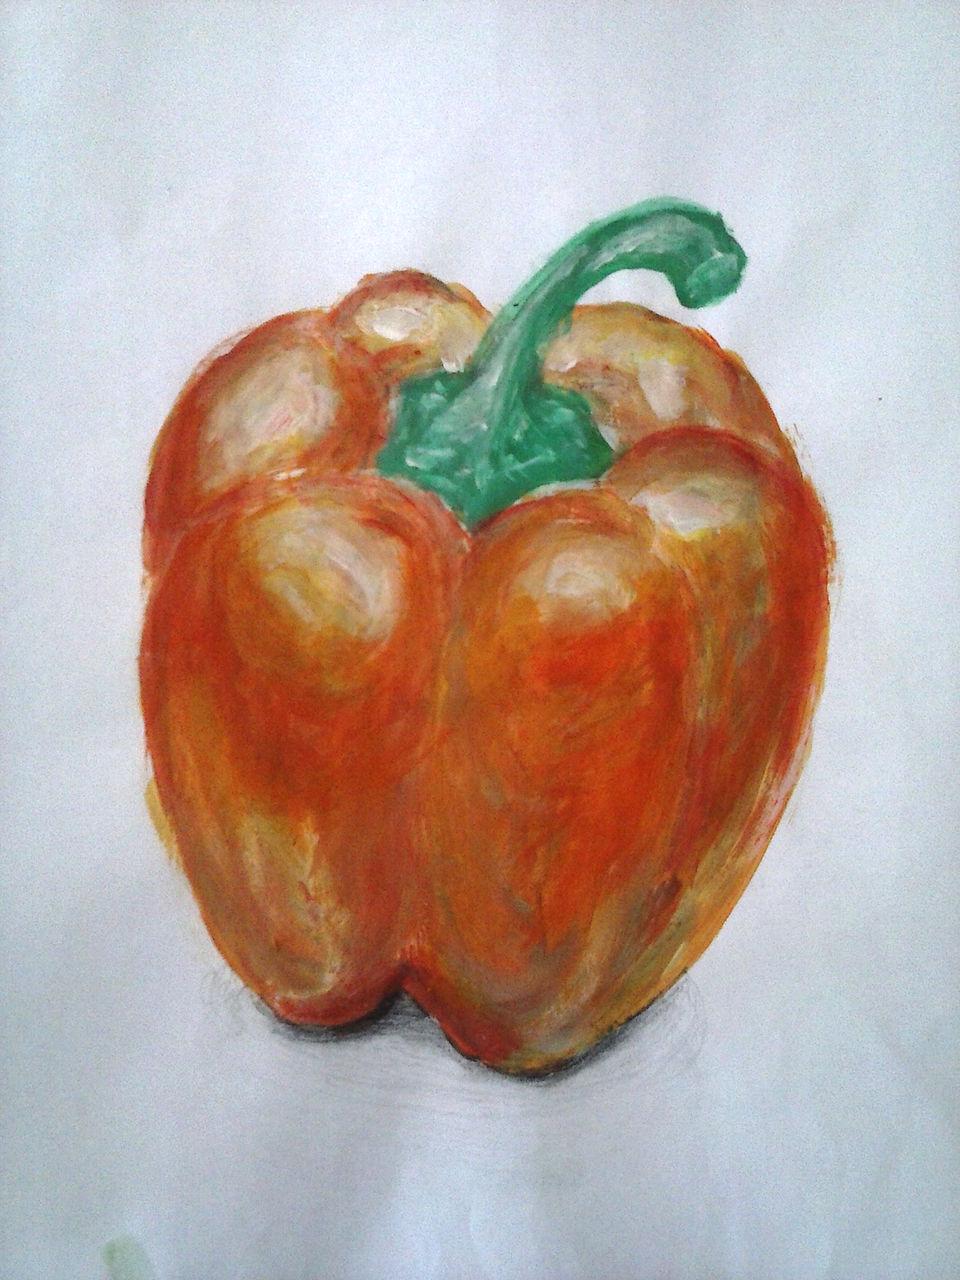 Bild: Paprika, Natur, Orange, Gemüse von Petra Filipic bei KunstNet